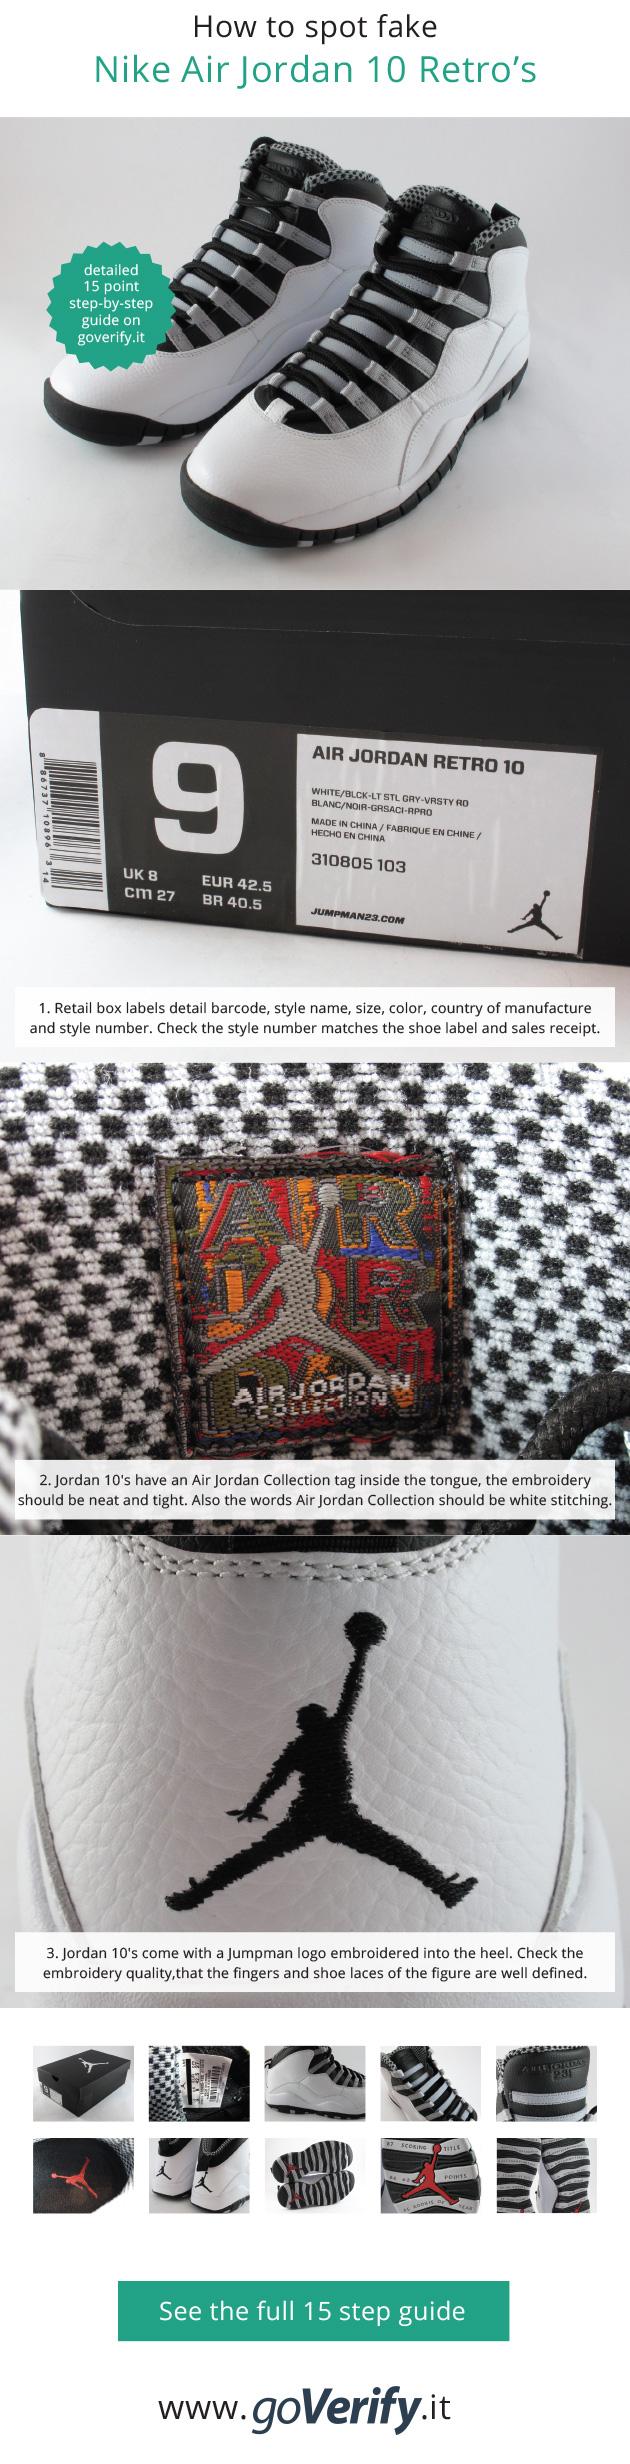 How to spot fake Nike Air Jordan 10 Retro in 15 steps